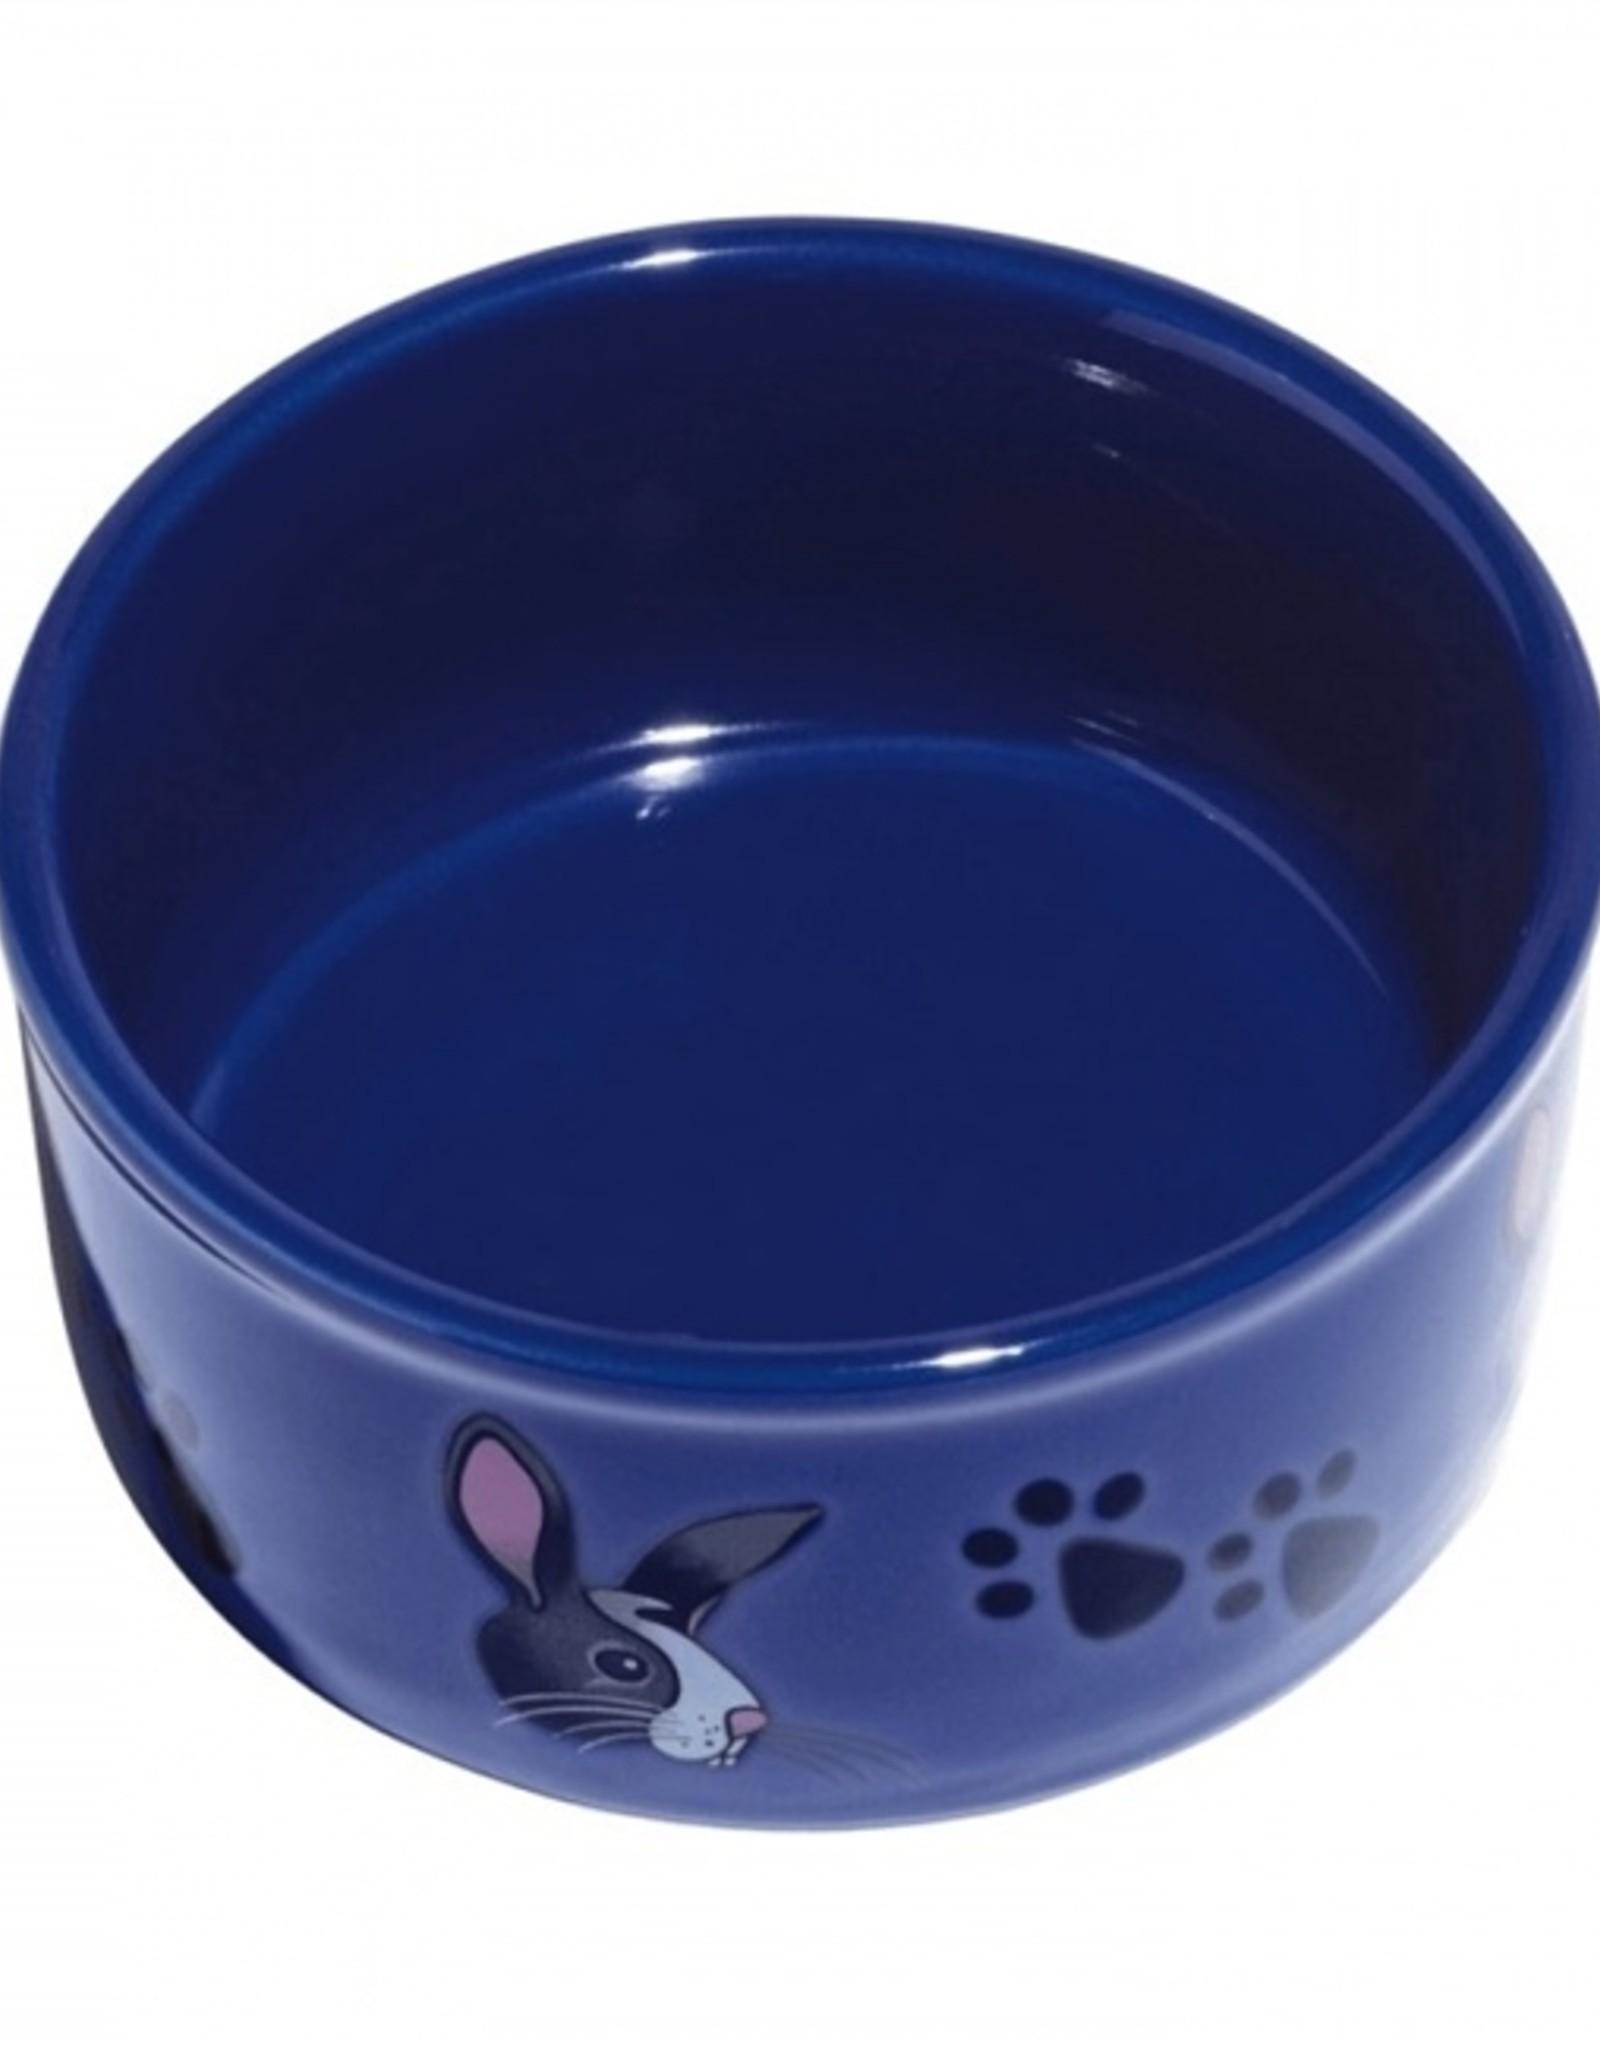 Super Pet Super Pet Petware Bunny Dish